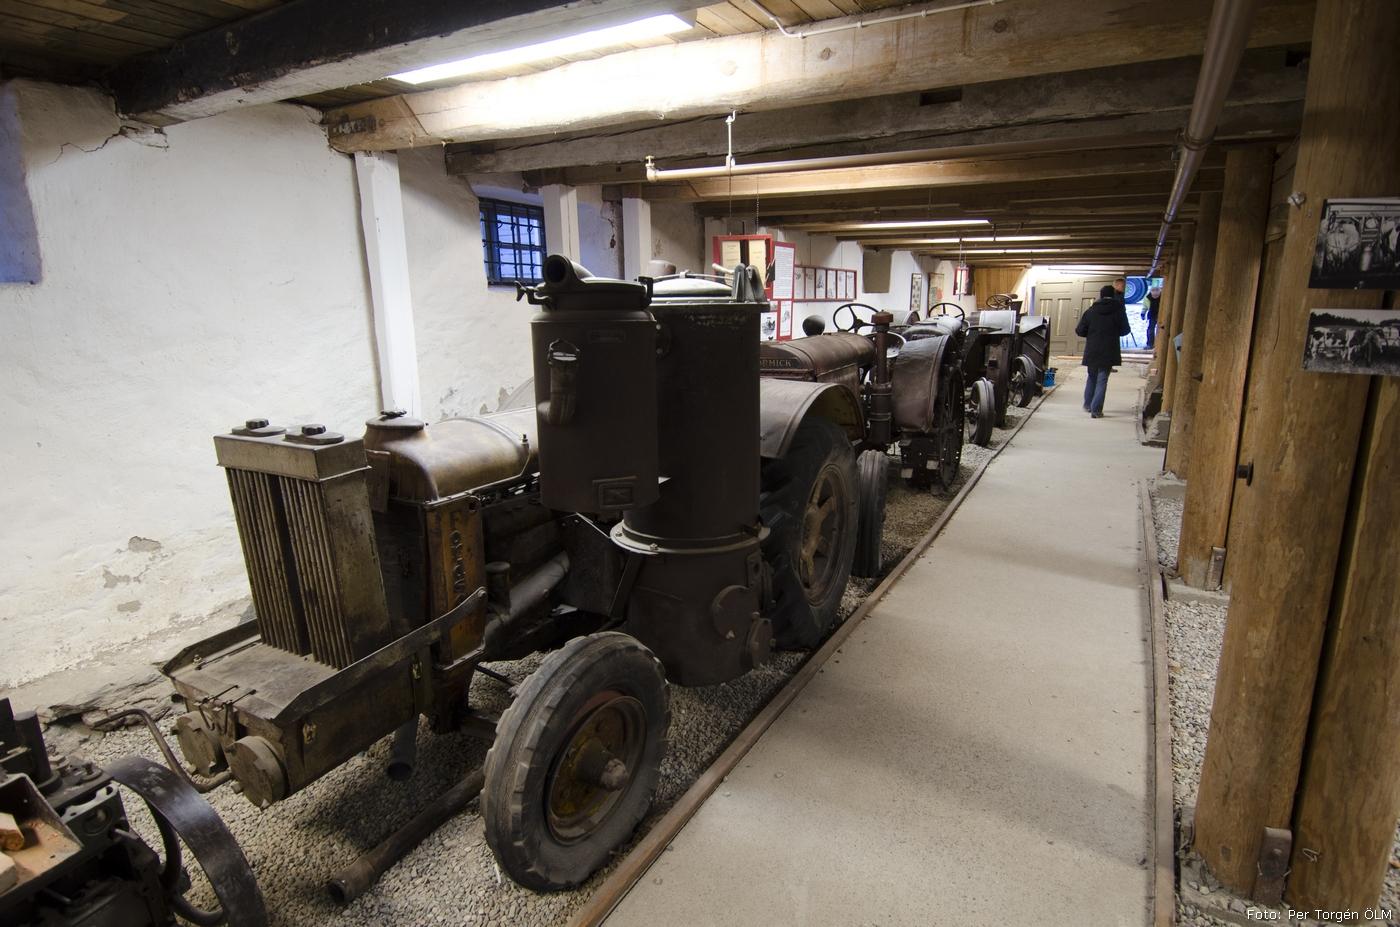 2012-02-10_022_Tekniska_kvarnen